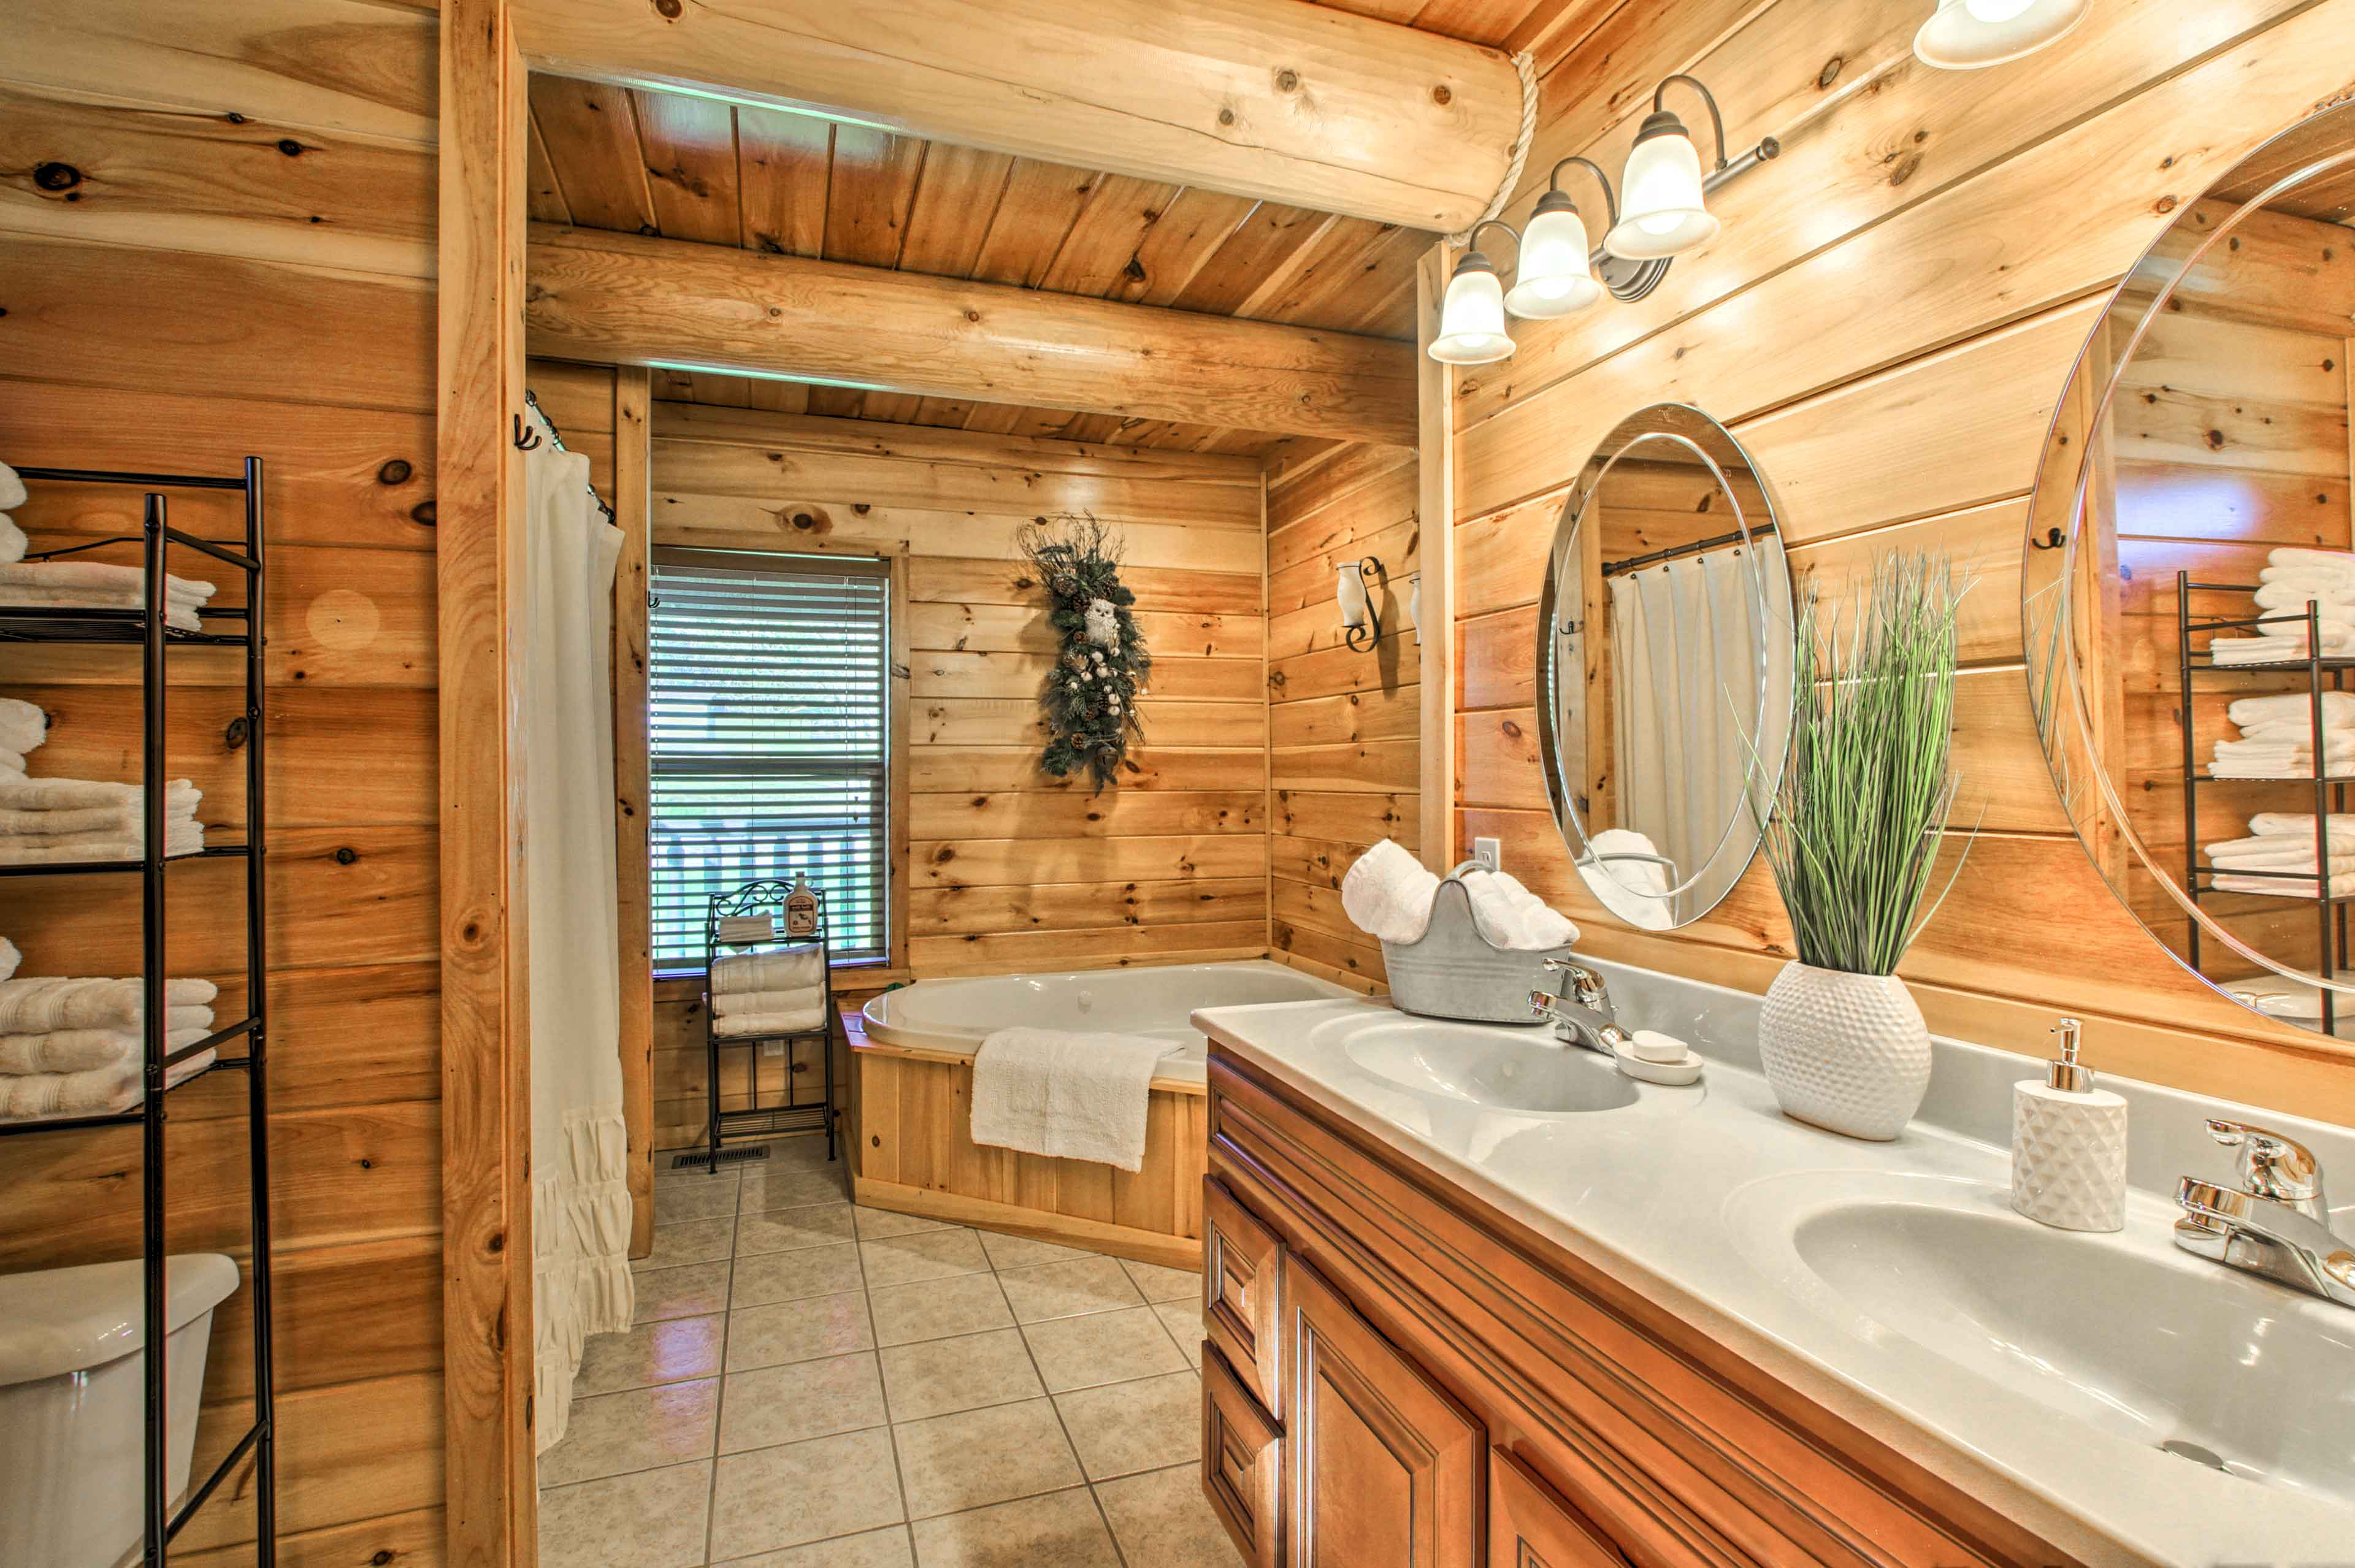 Before bed, enjoy a soak in the en-suite bathroom's Jacuzzi tub.